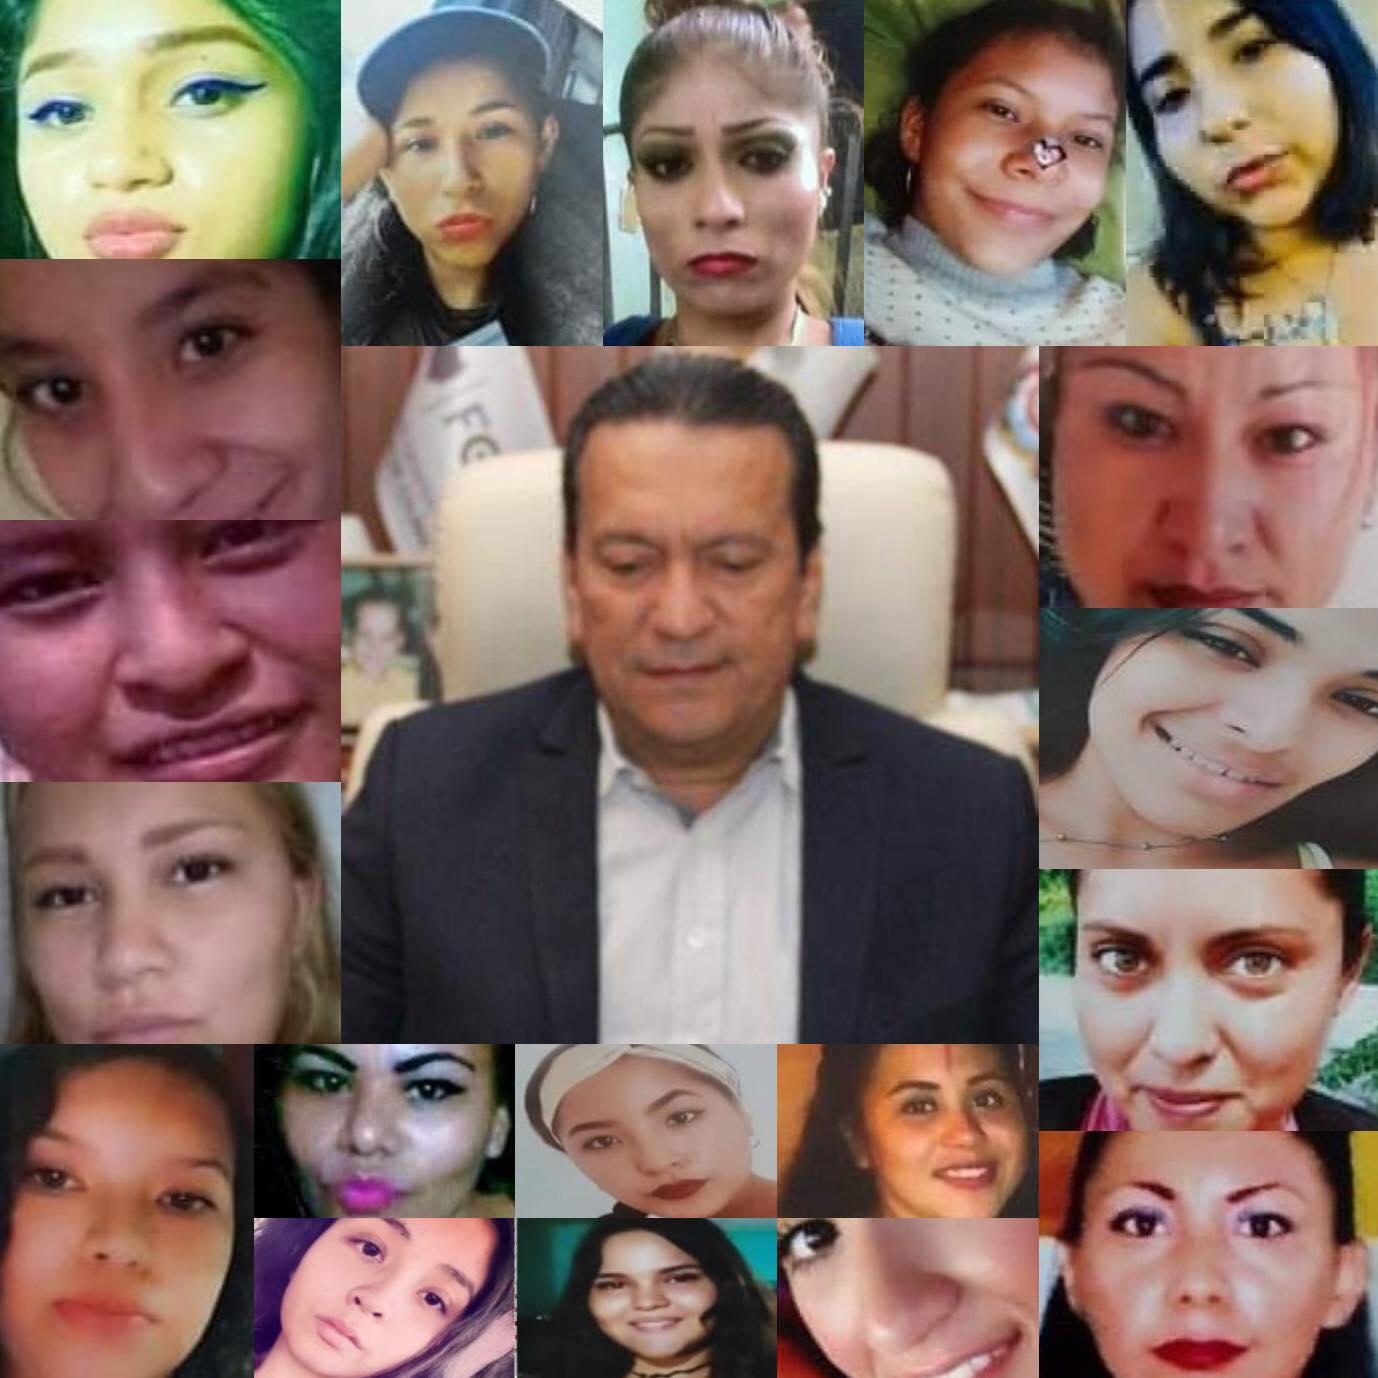 Hay 399 mujeres desaparecidas en Colima, según el Fiscal ninguna es por trata